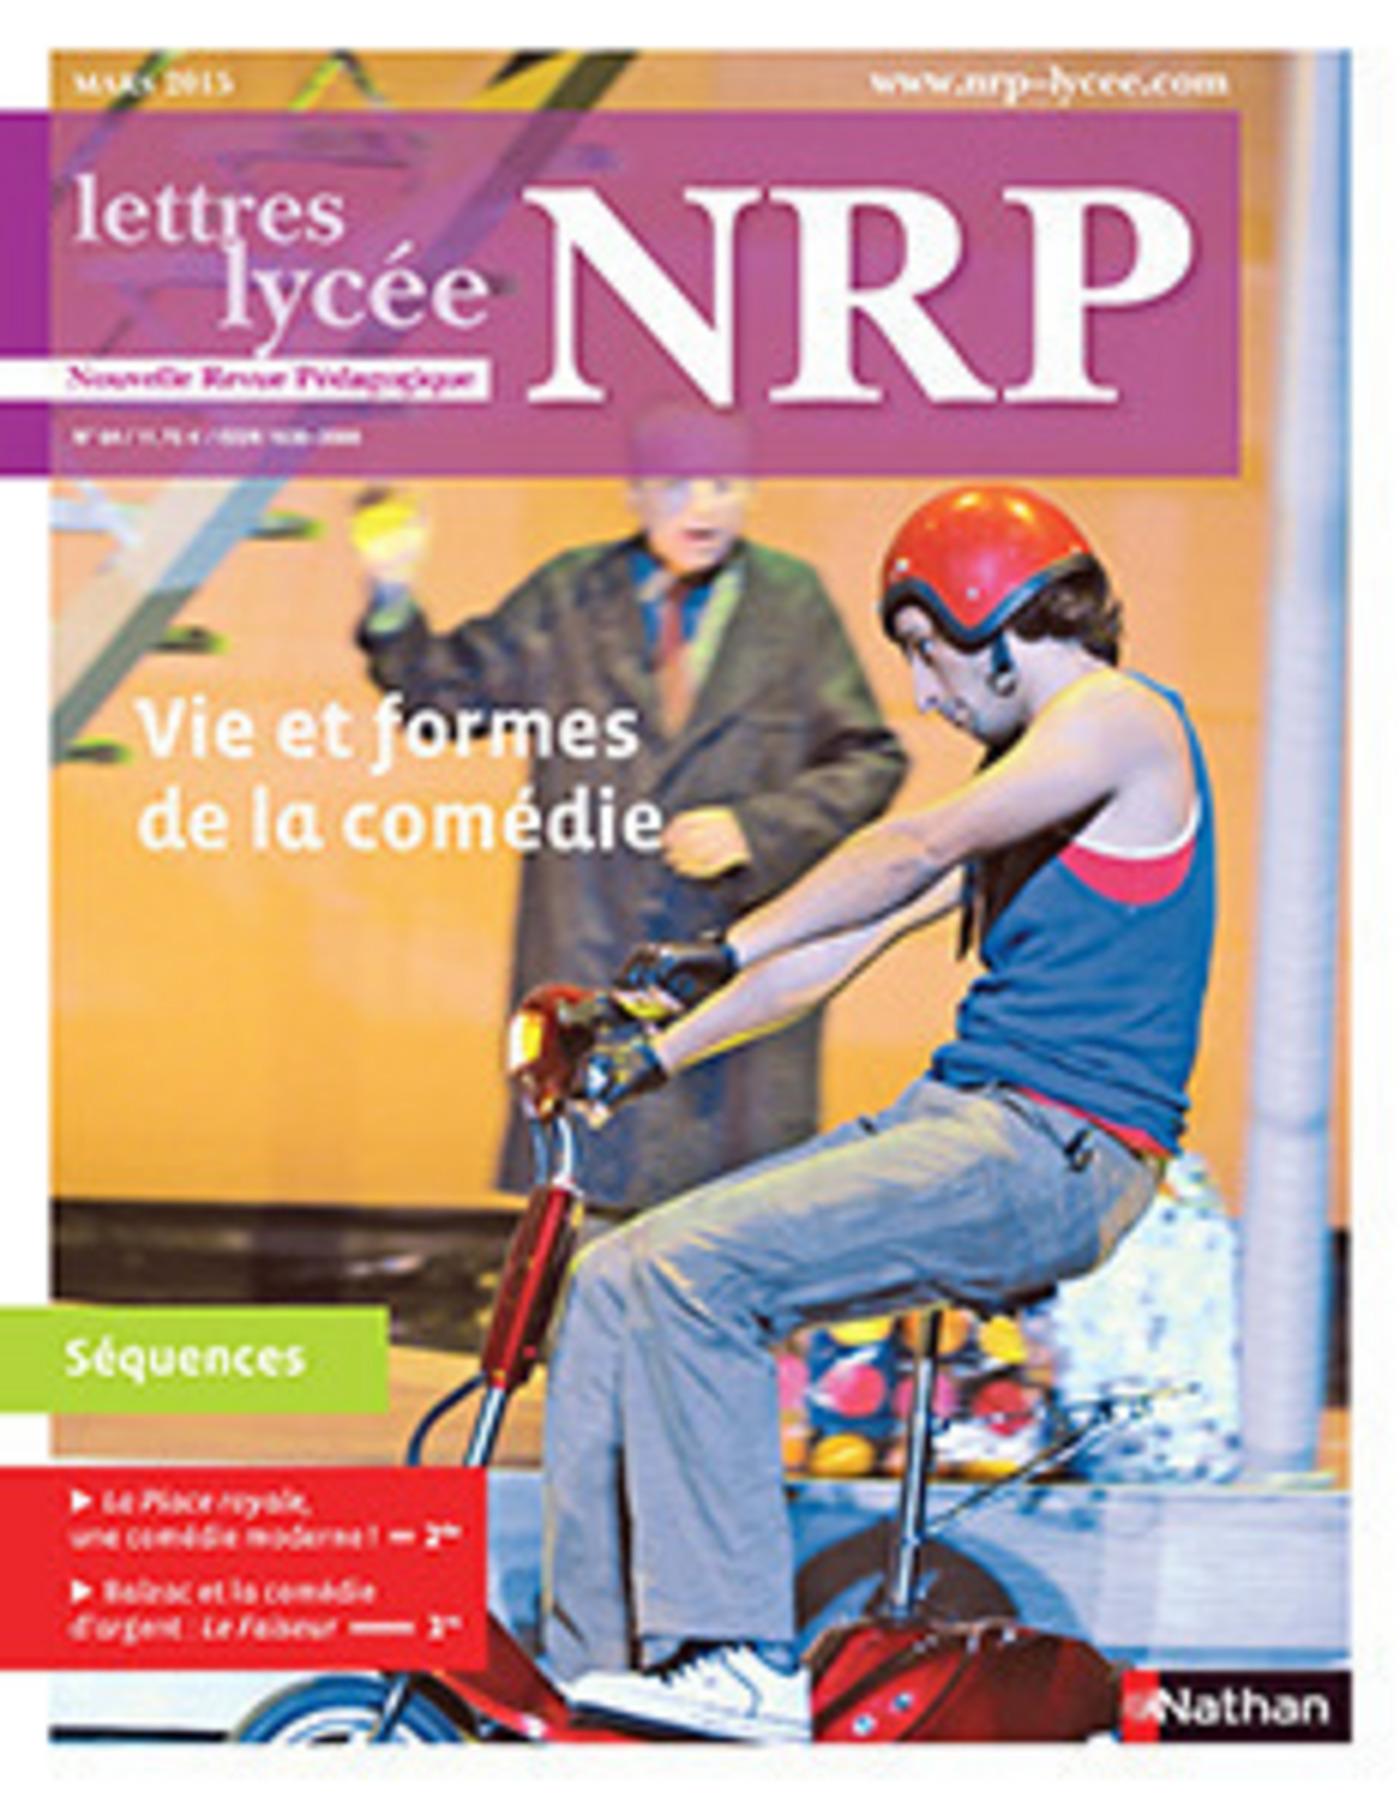 NRP Lycée - Vie et formes de la comédie - Mars 2015 (Format PDF)